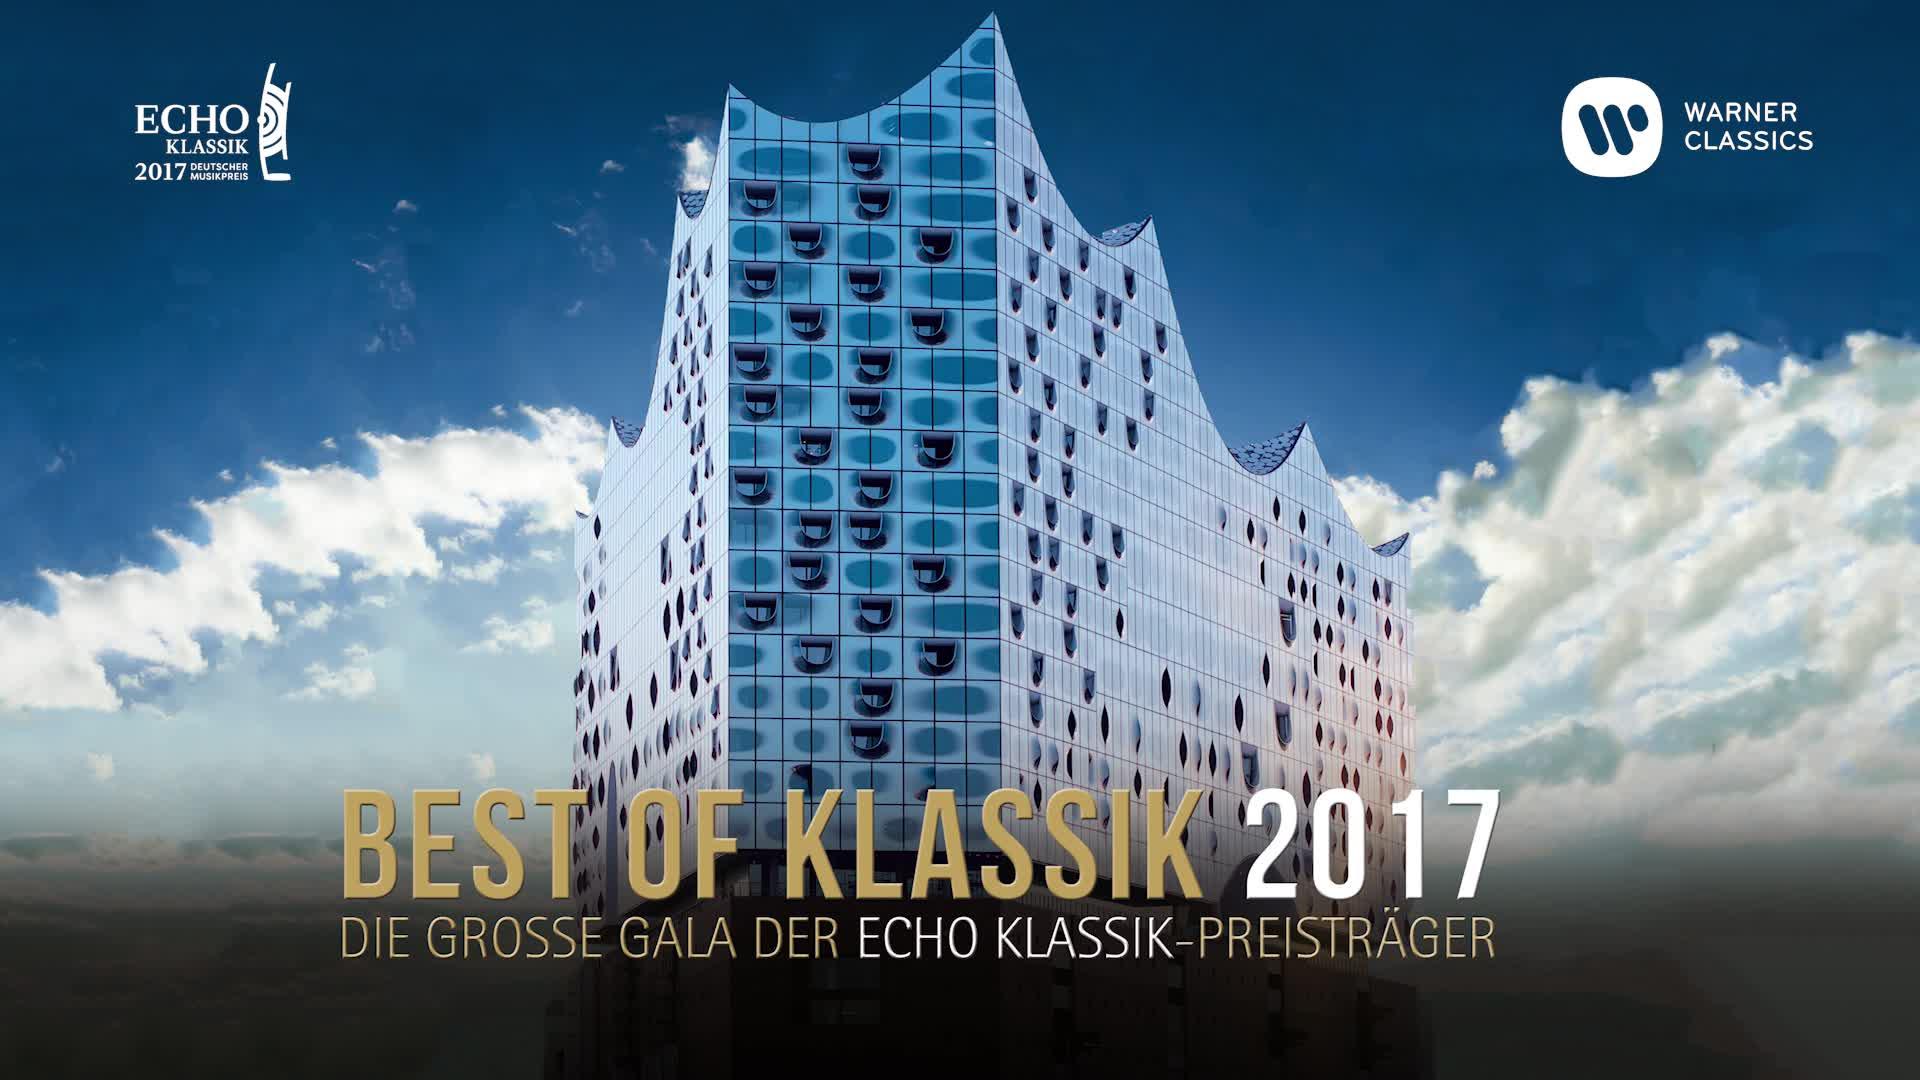 ECHO Klassik - Deutscher Musikpreis, ECHO Klassik 2017